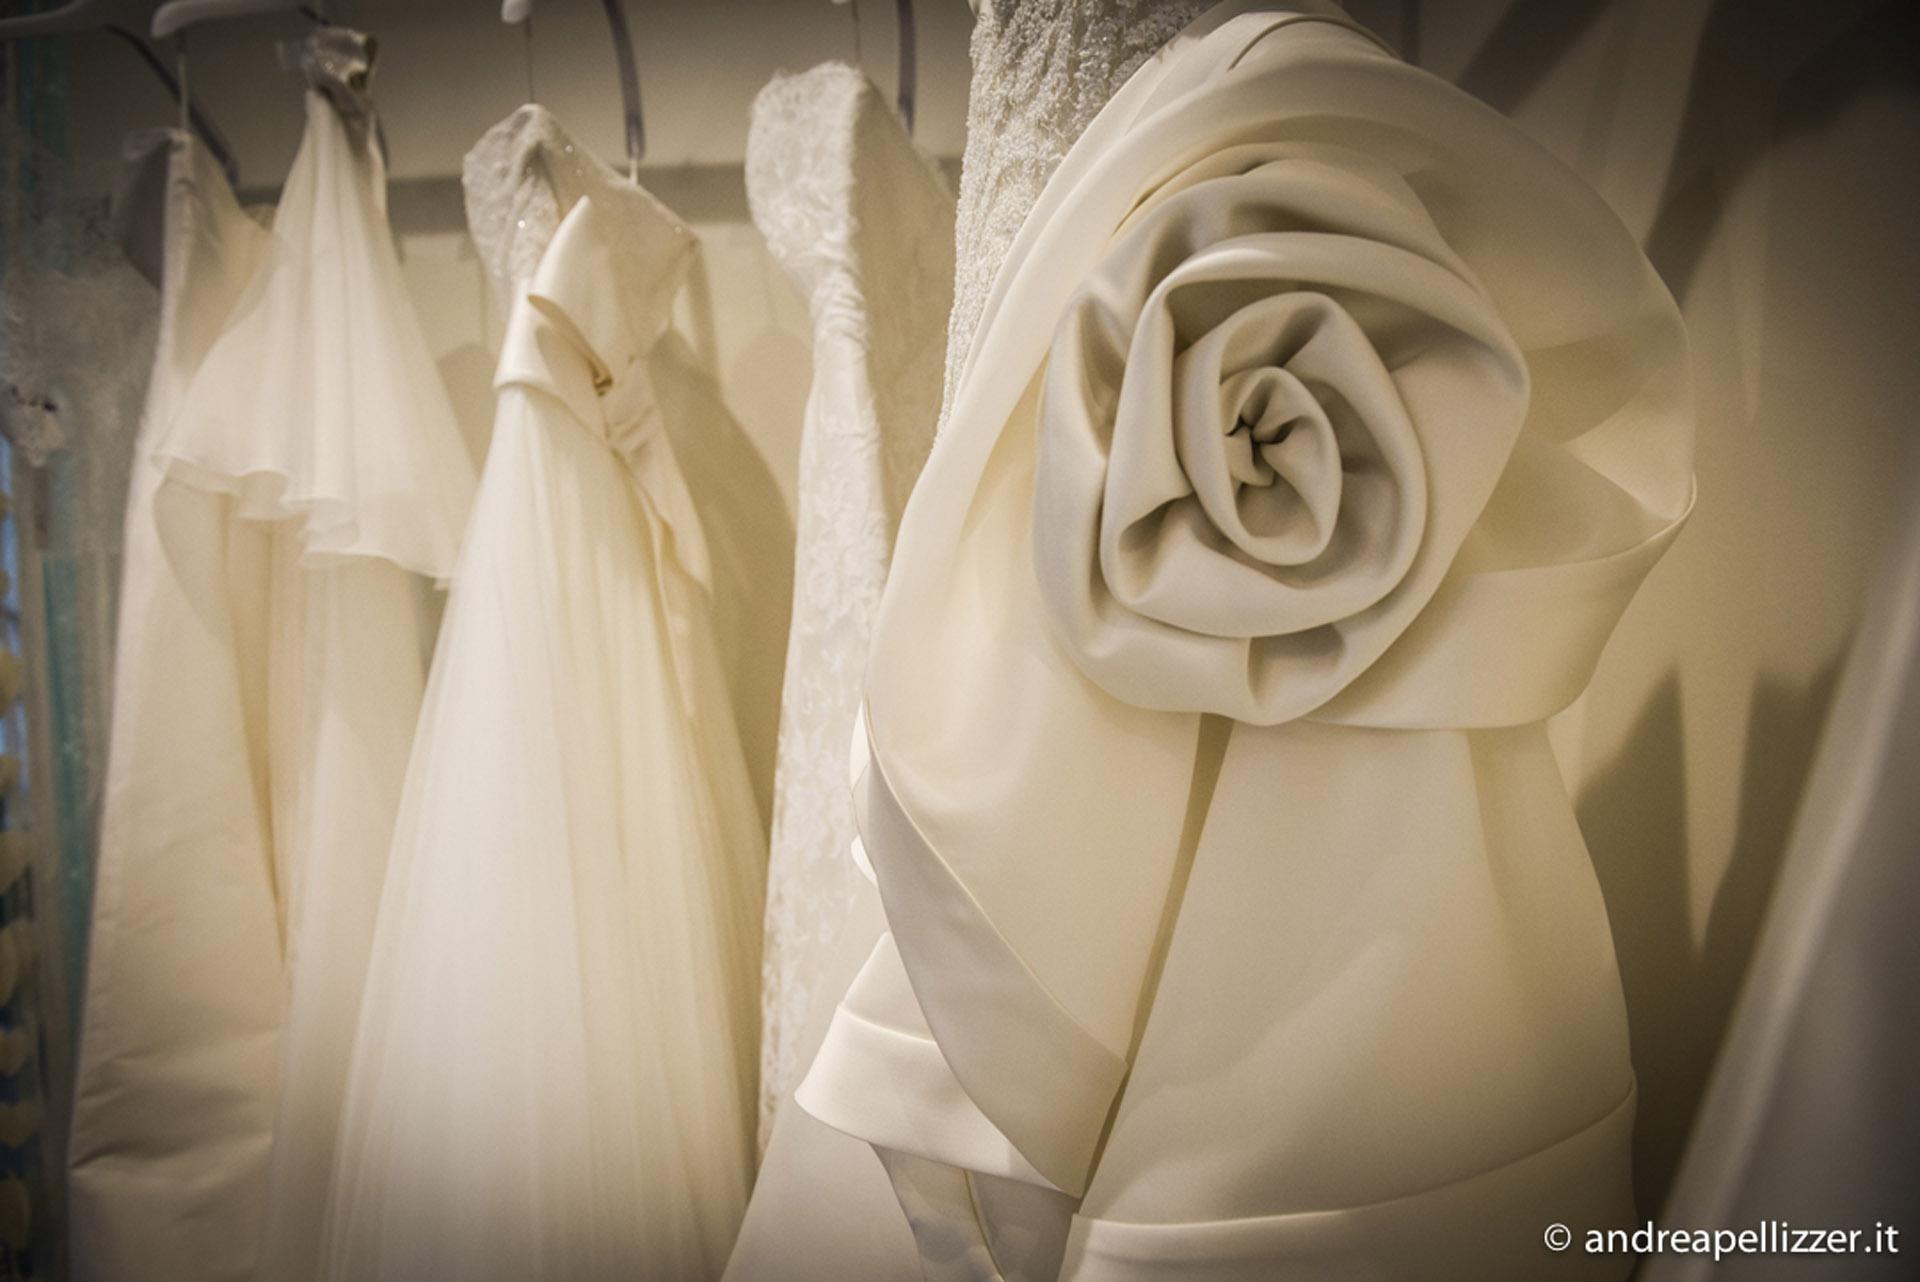 06-Atelier-Sposa-Fleur-De-Lys-Signoressa-di-Trevignano-Treviso